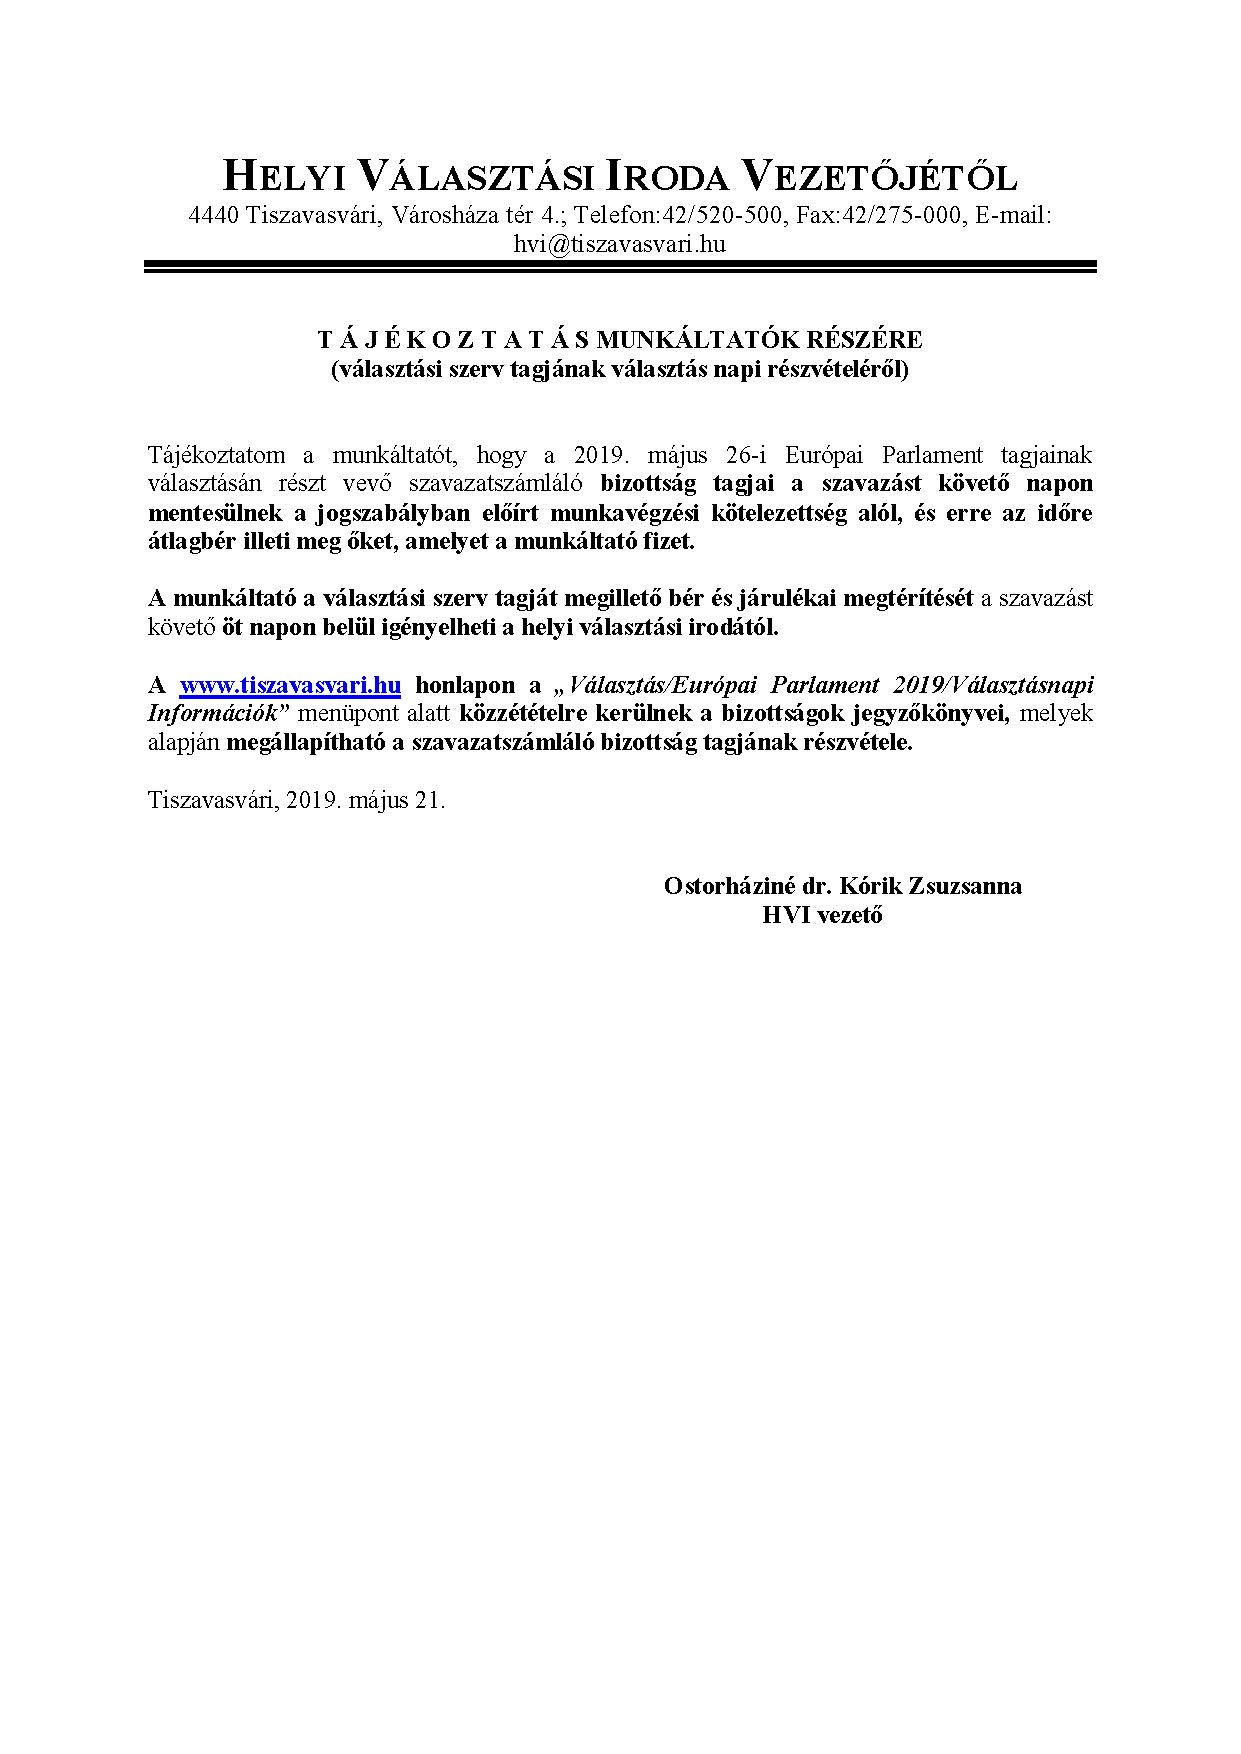 590e12ddd7 HVI közlemény: Tájékoztatás munkáltatók részére